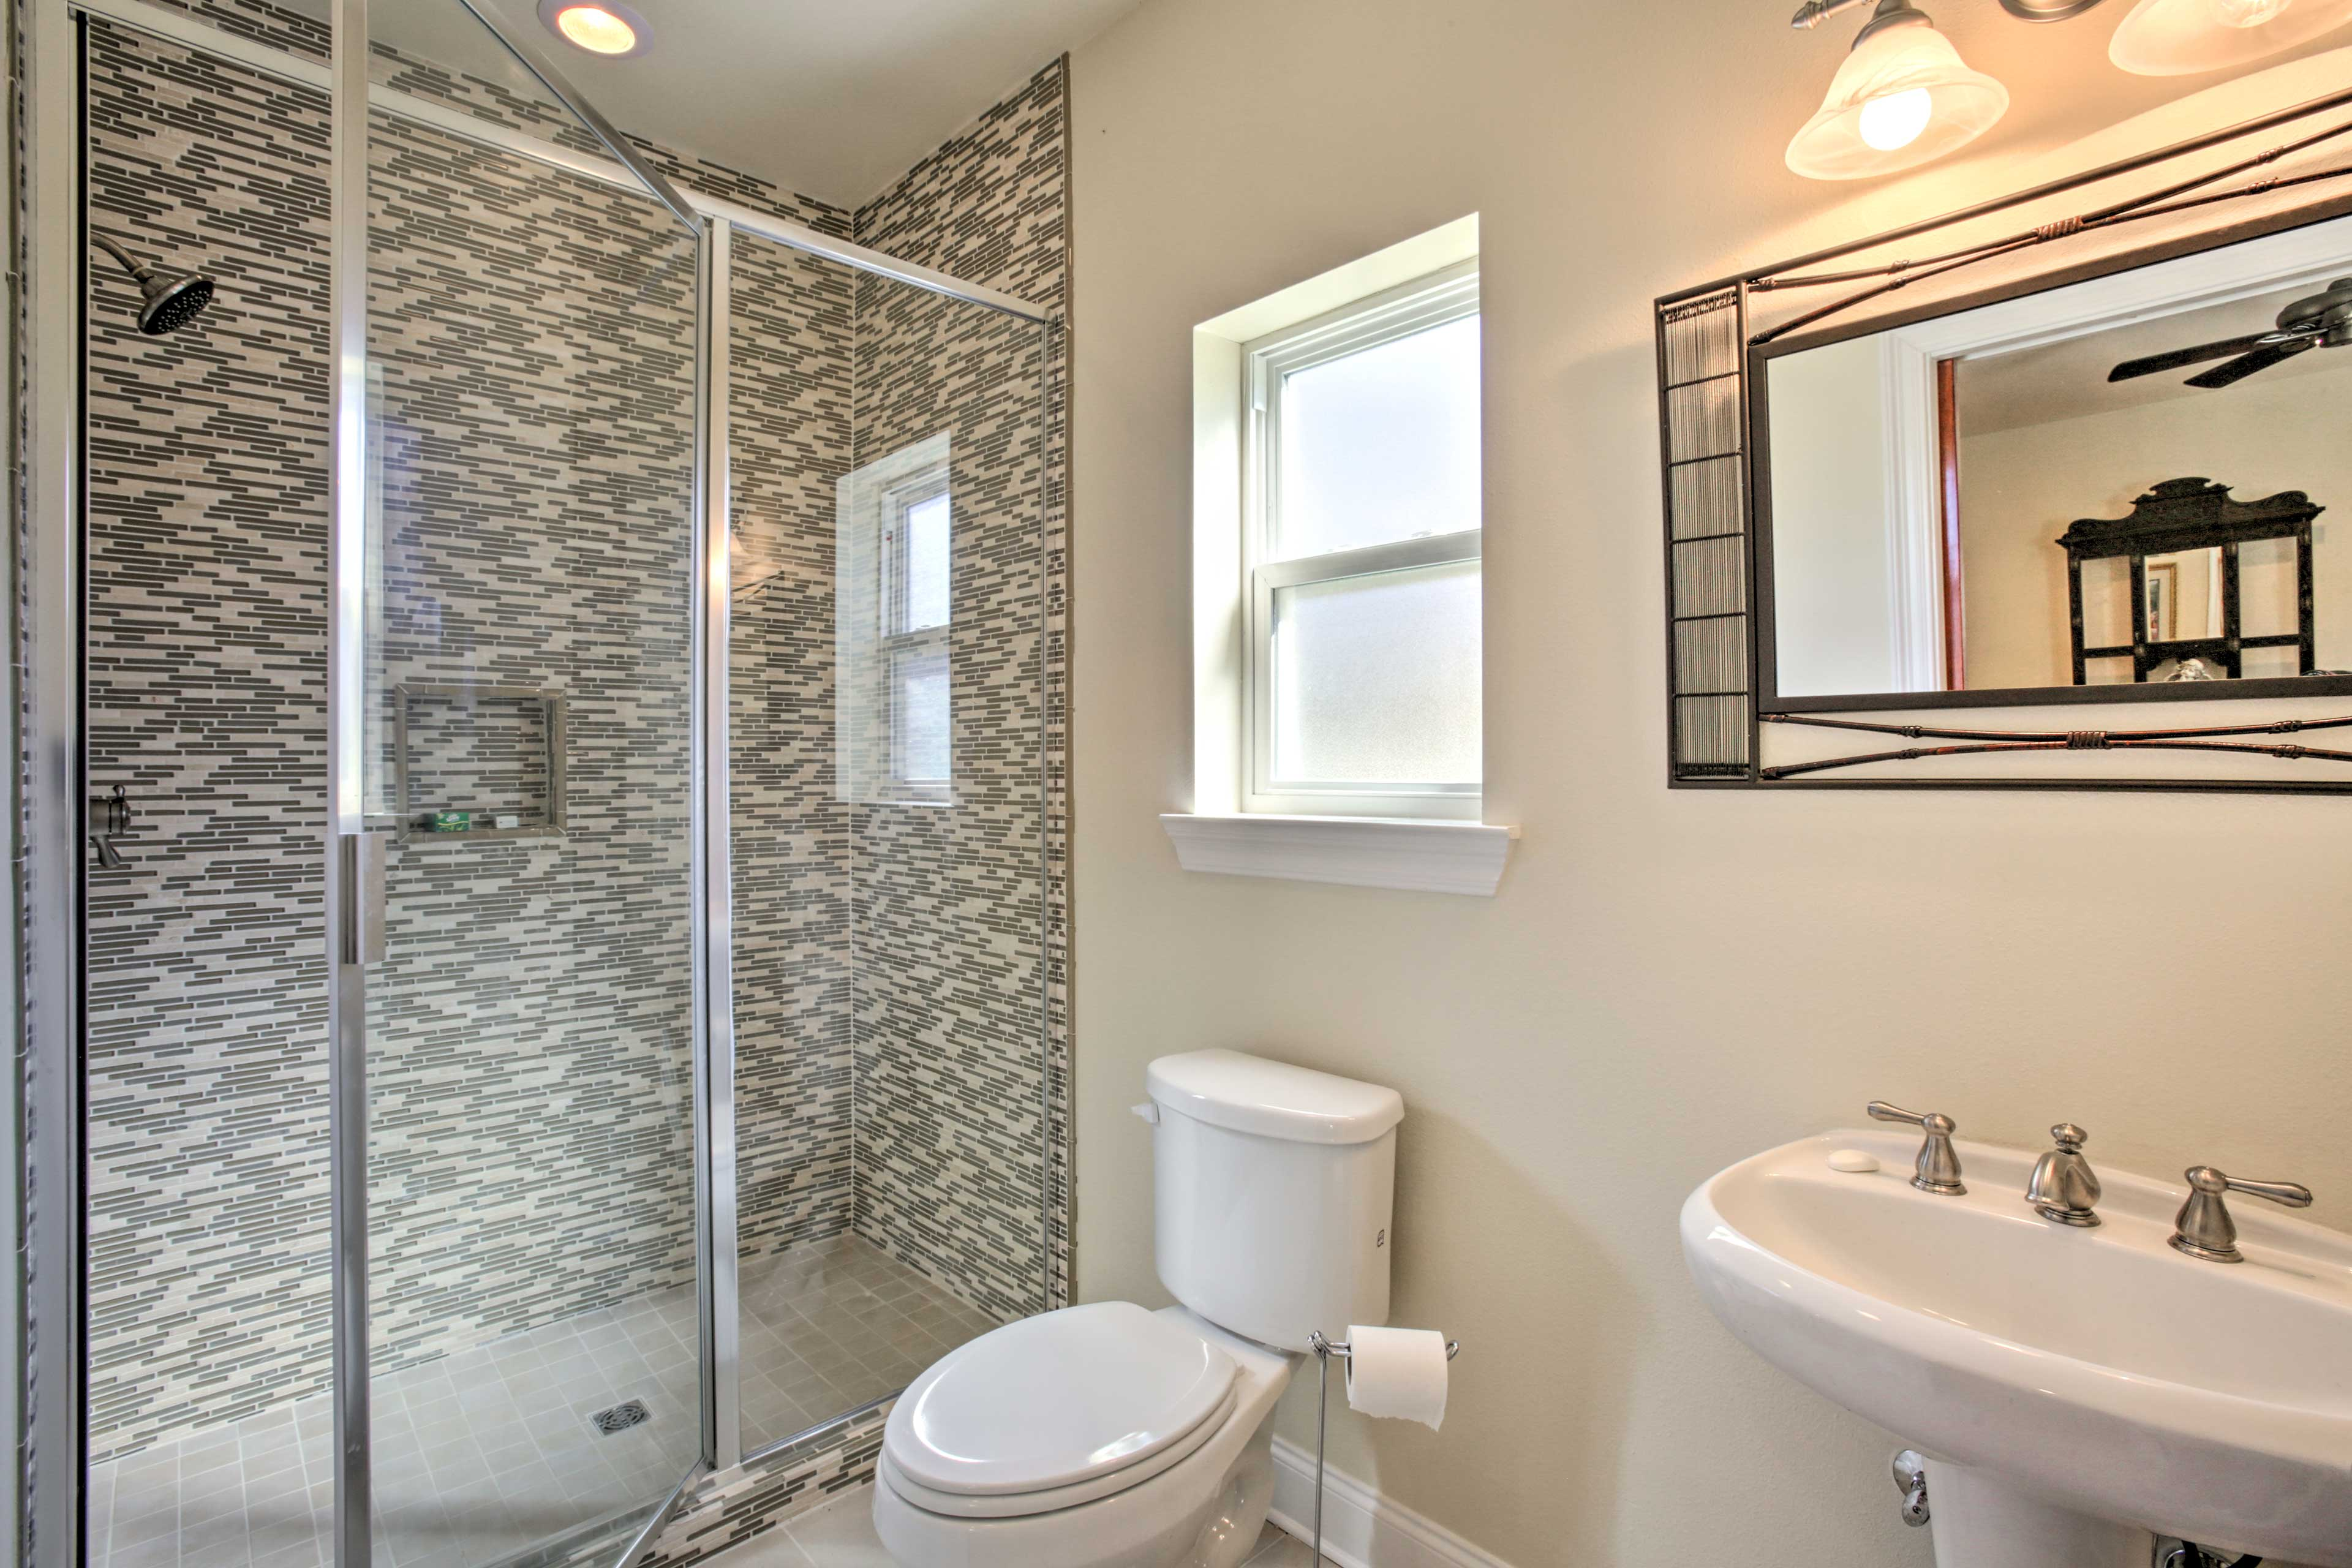 Rinse off in the walk-in glass-door shower.